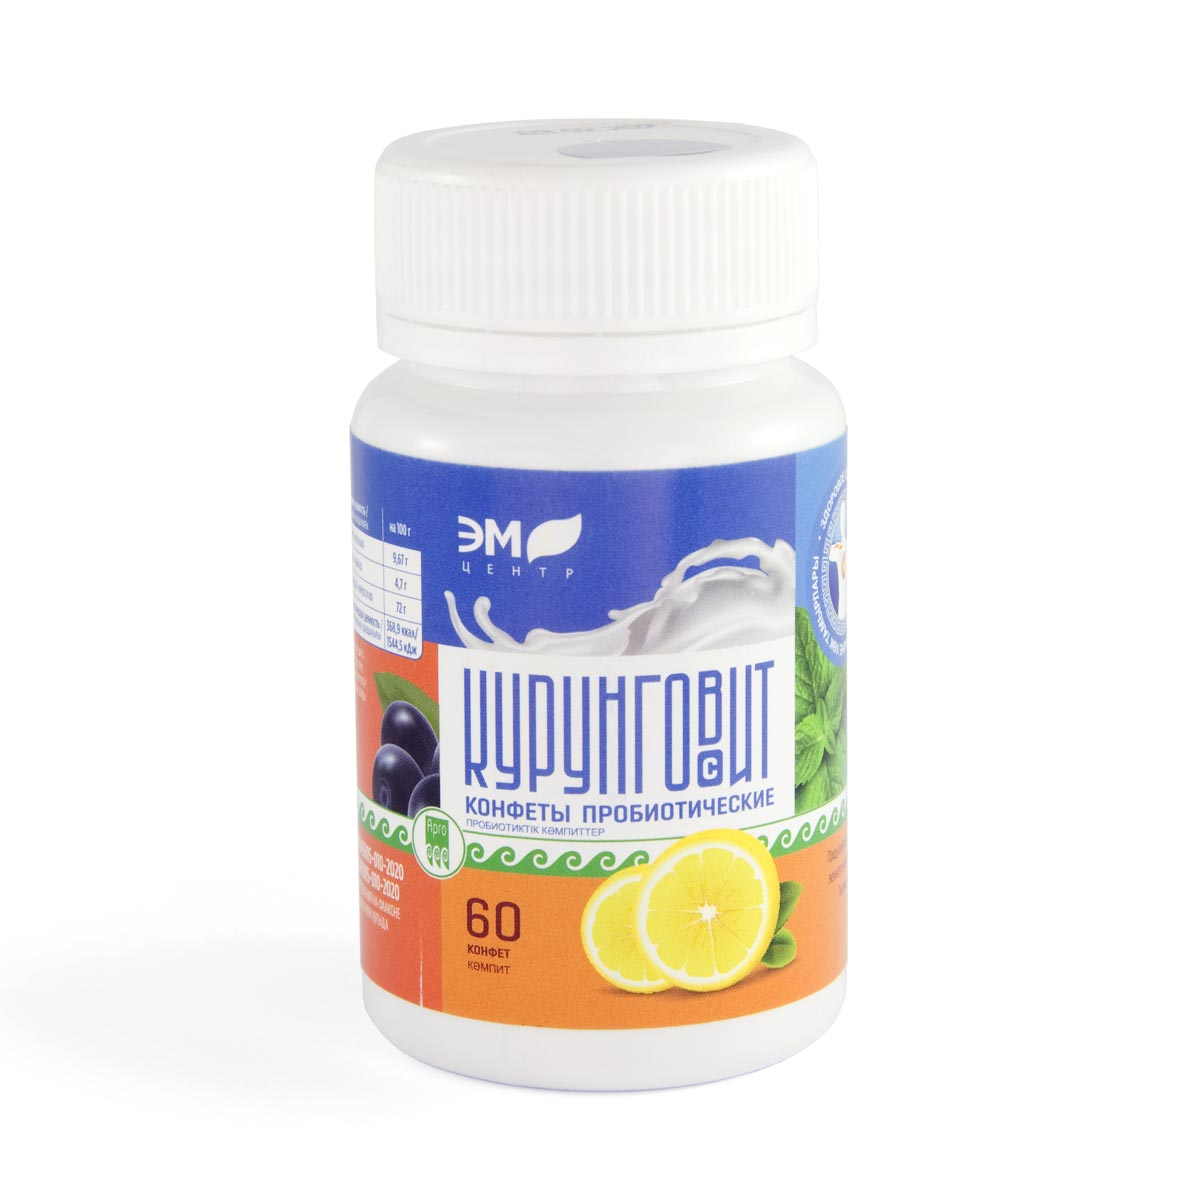 Конфеты пробиотические «Курунговит-С»